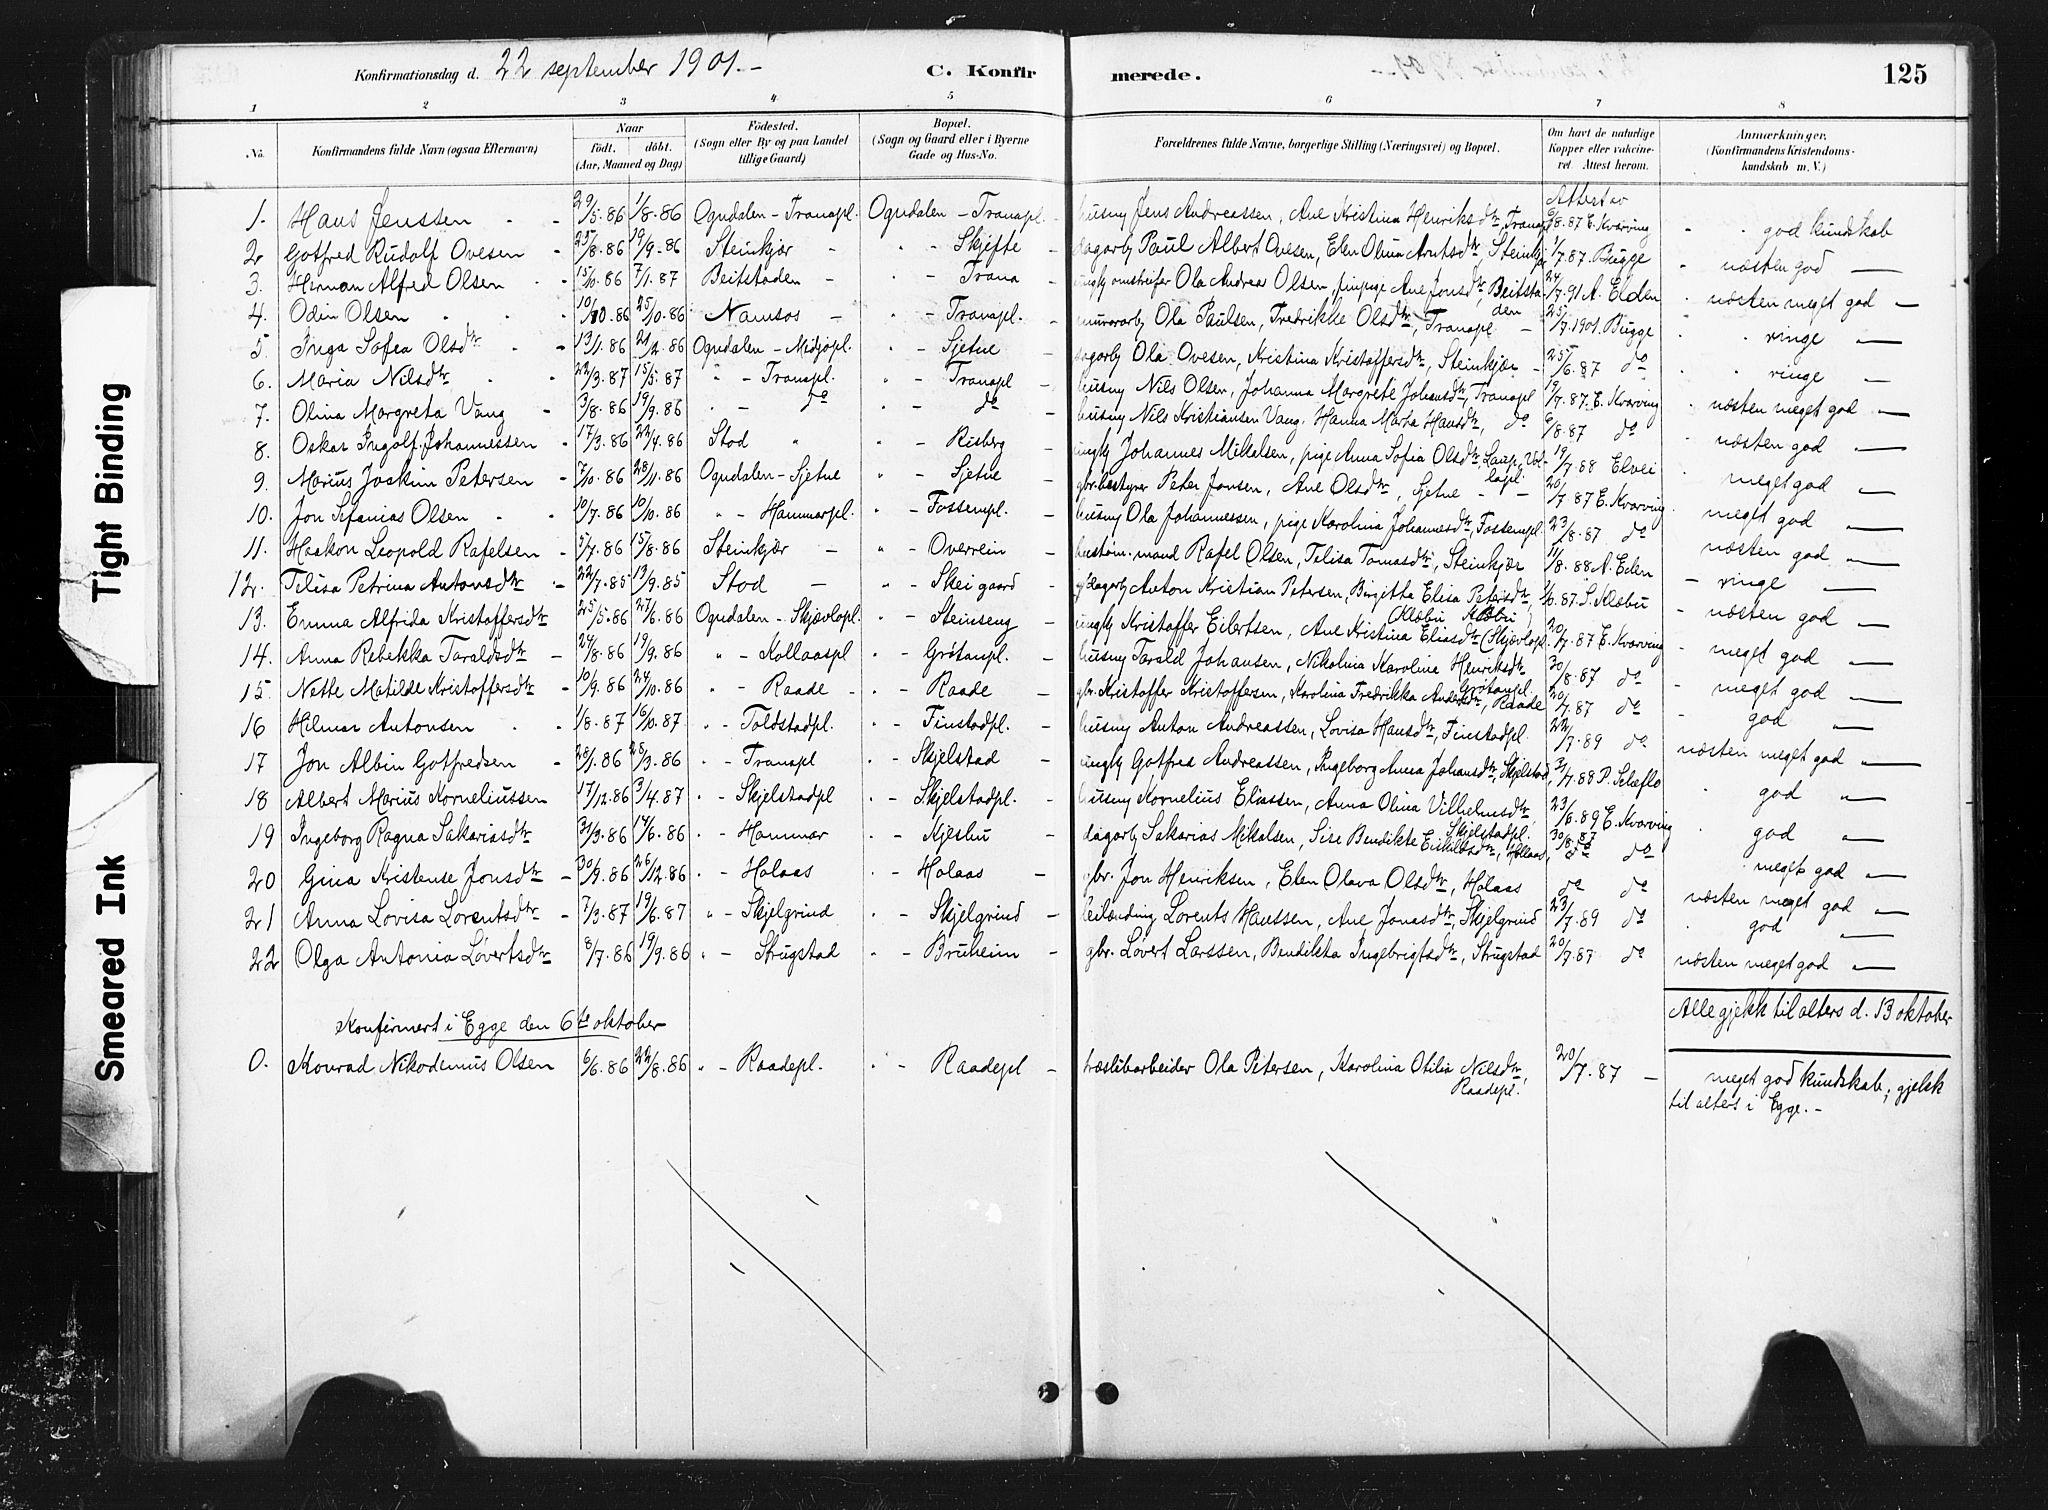 SAT, Ministerialprotokoller, klokkerbøker og fødselsregistre - Nord-Trøndelag, 736/L0361: Ministerialbok nr. 736A01, 1884-1906, s. 125